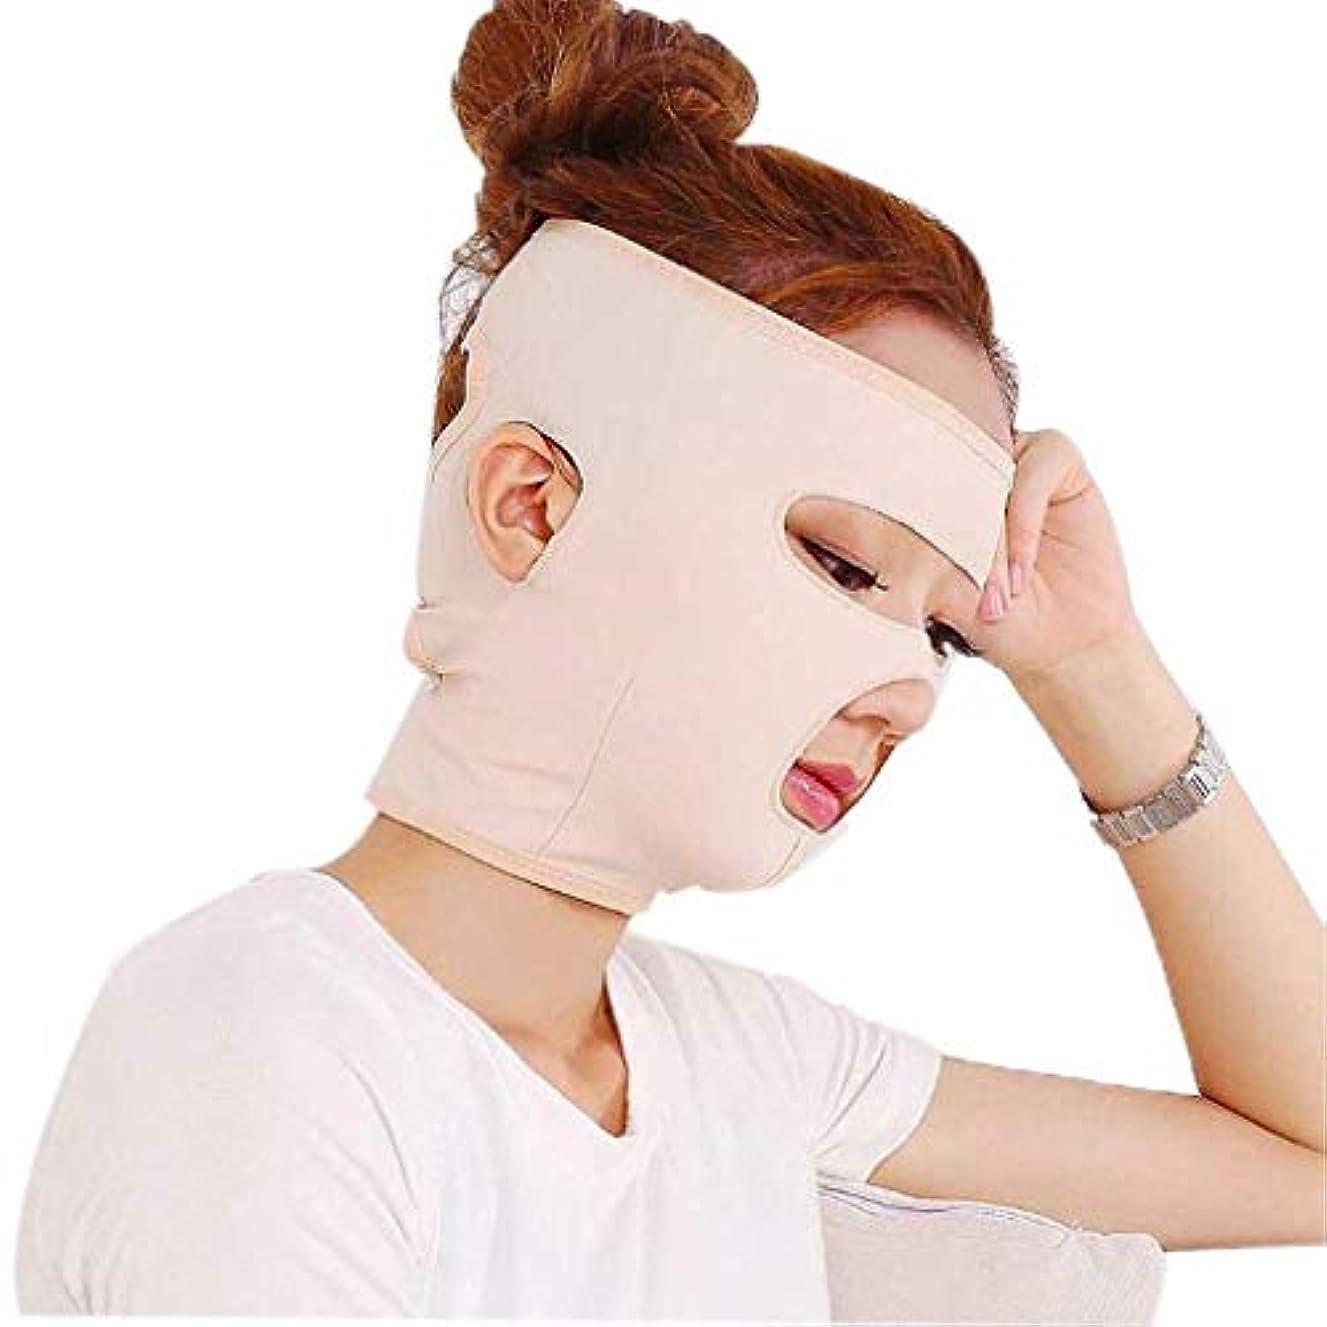 百万ガジュマルお尻フェイスリフティングマスク、フルフェイス通気性の術後回復包帯リフティング引き締め肌の減少により小さなVフェイスマスクを作成(サイズ:L)